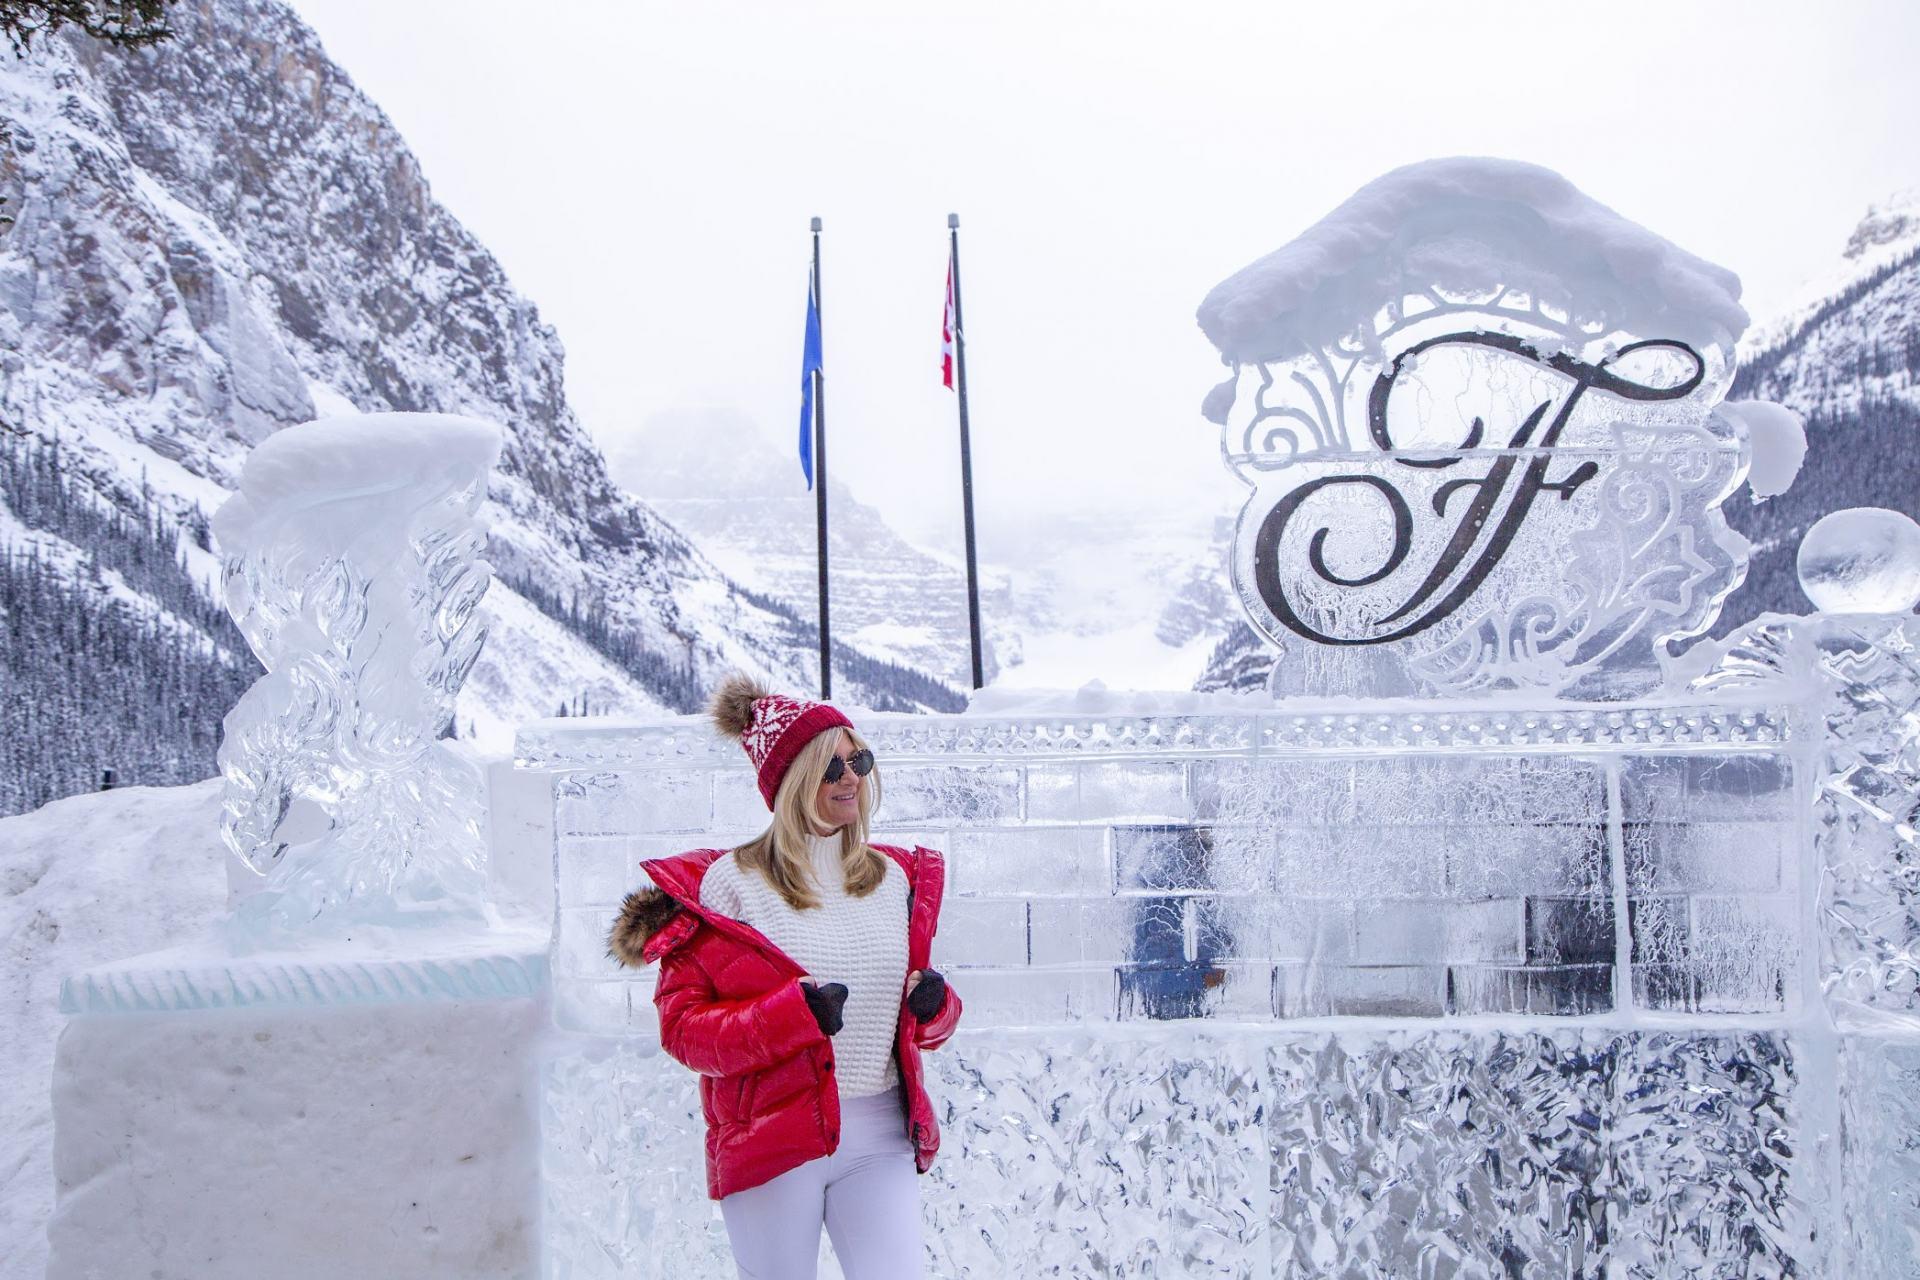 fairmont ice bar